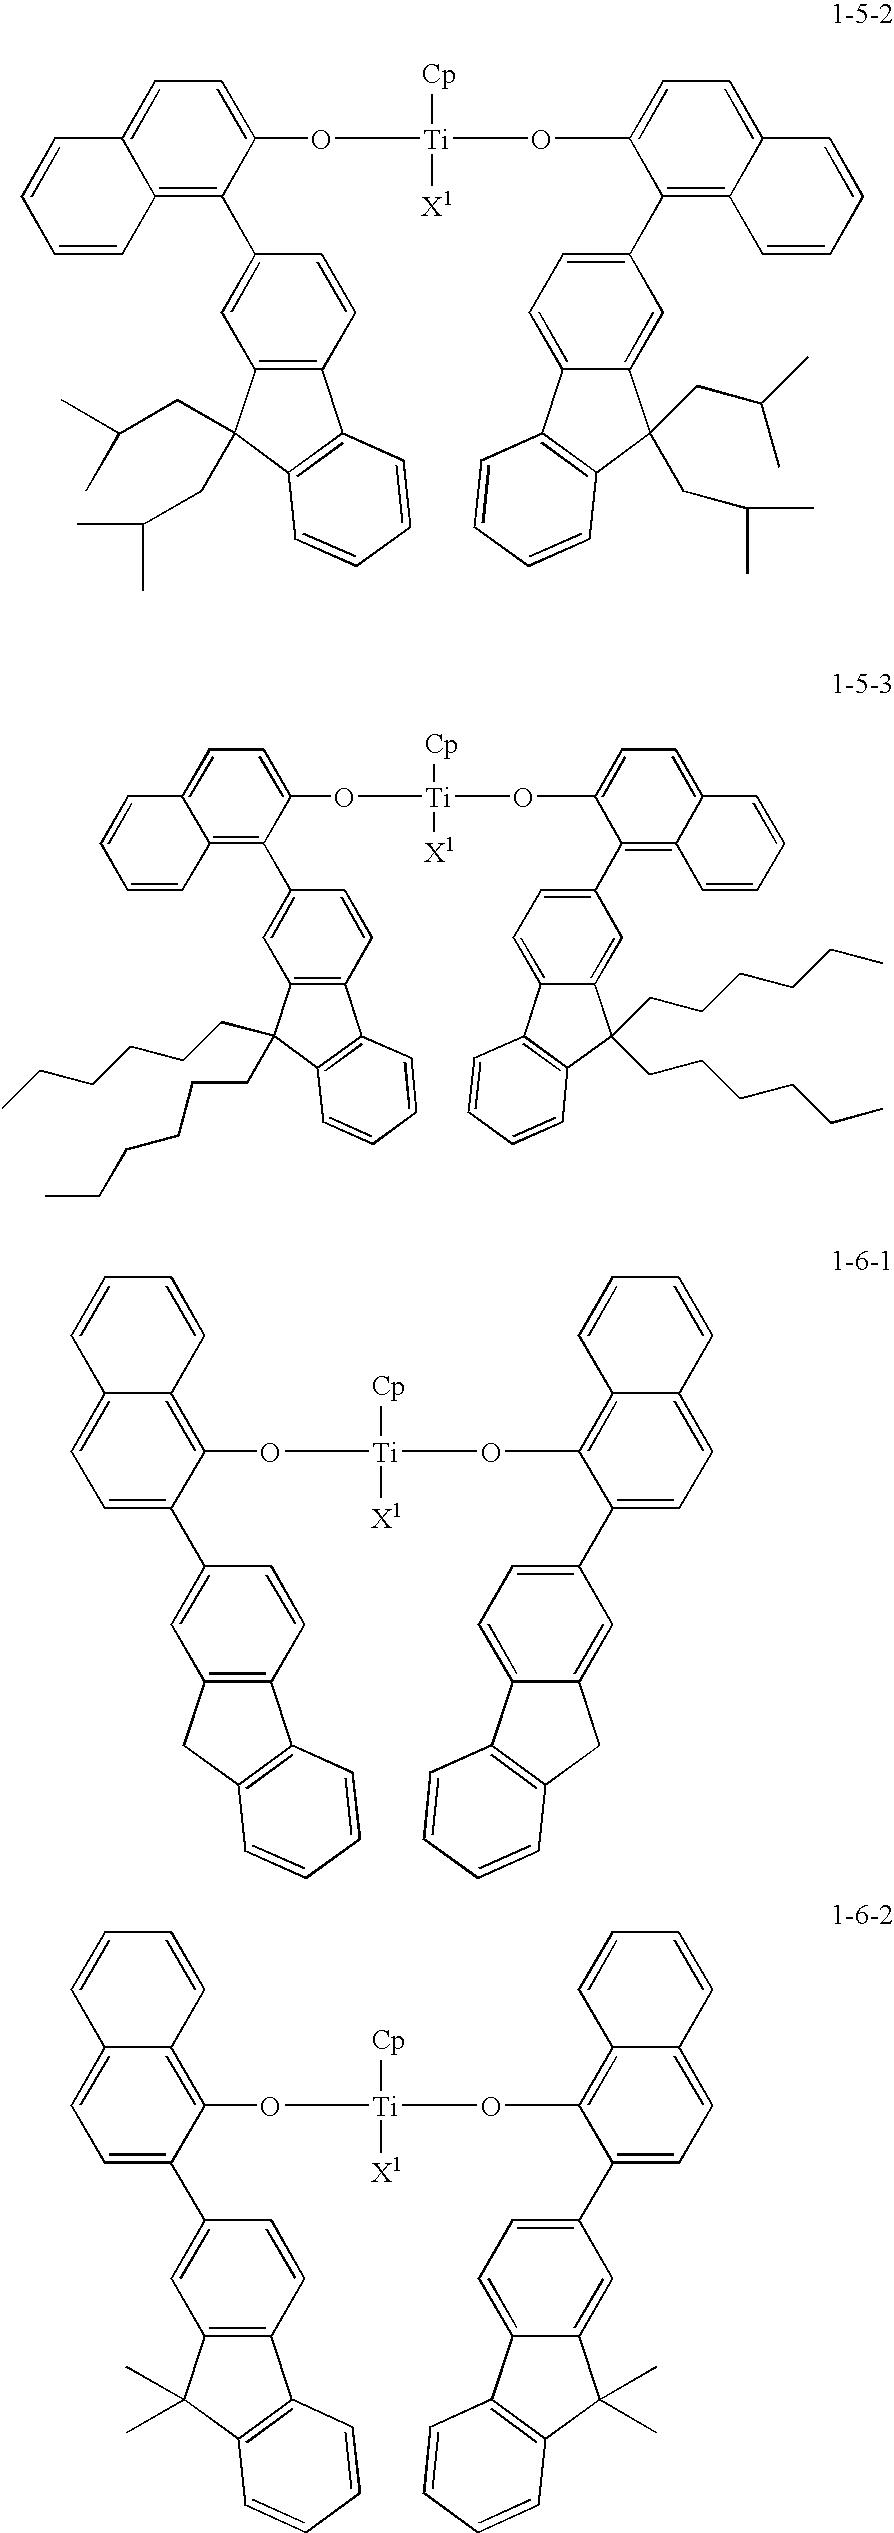 Figure US20100081776A1-20100401-C00021